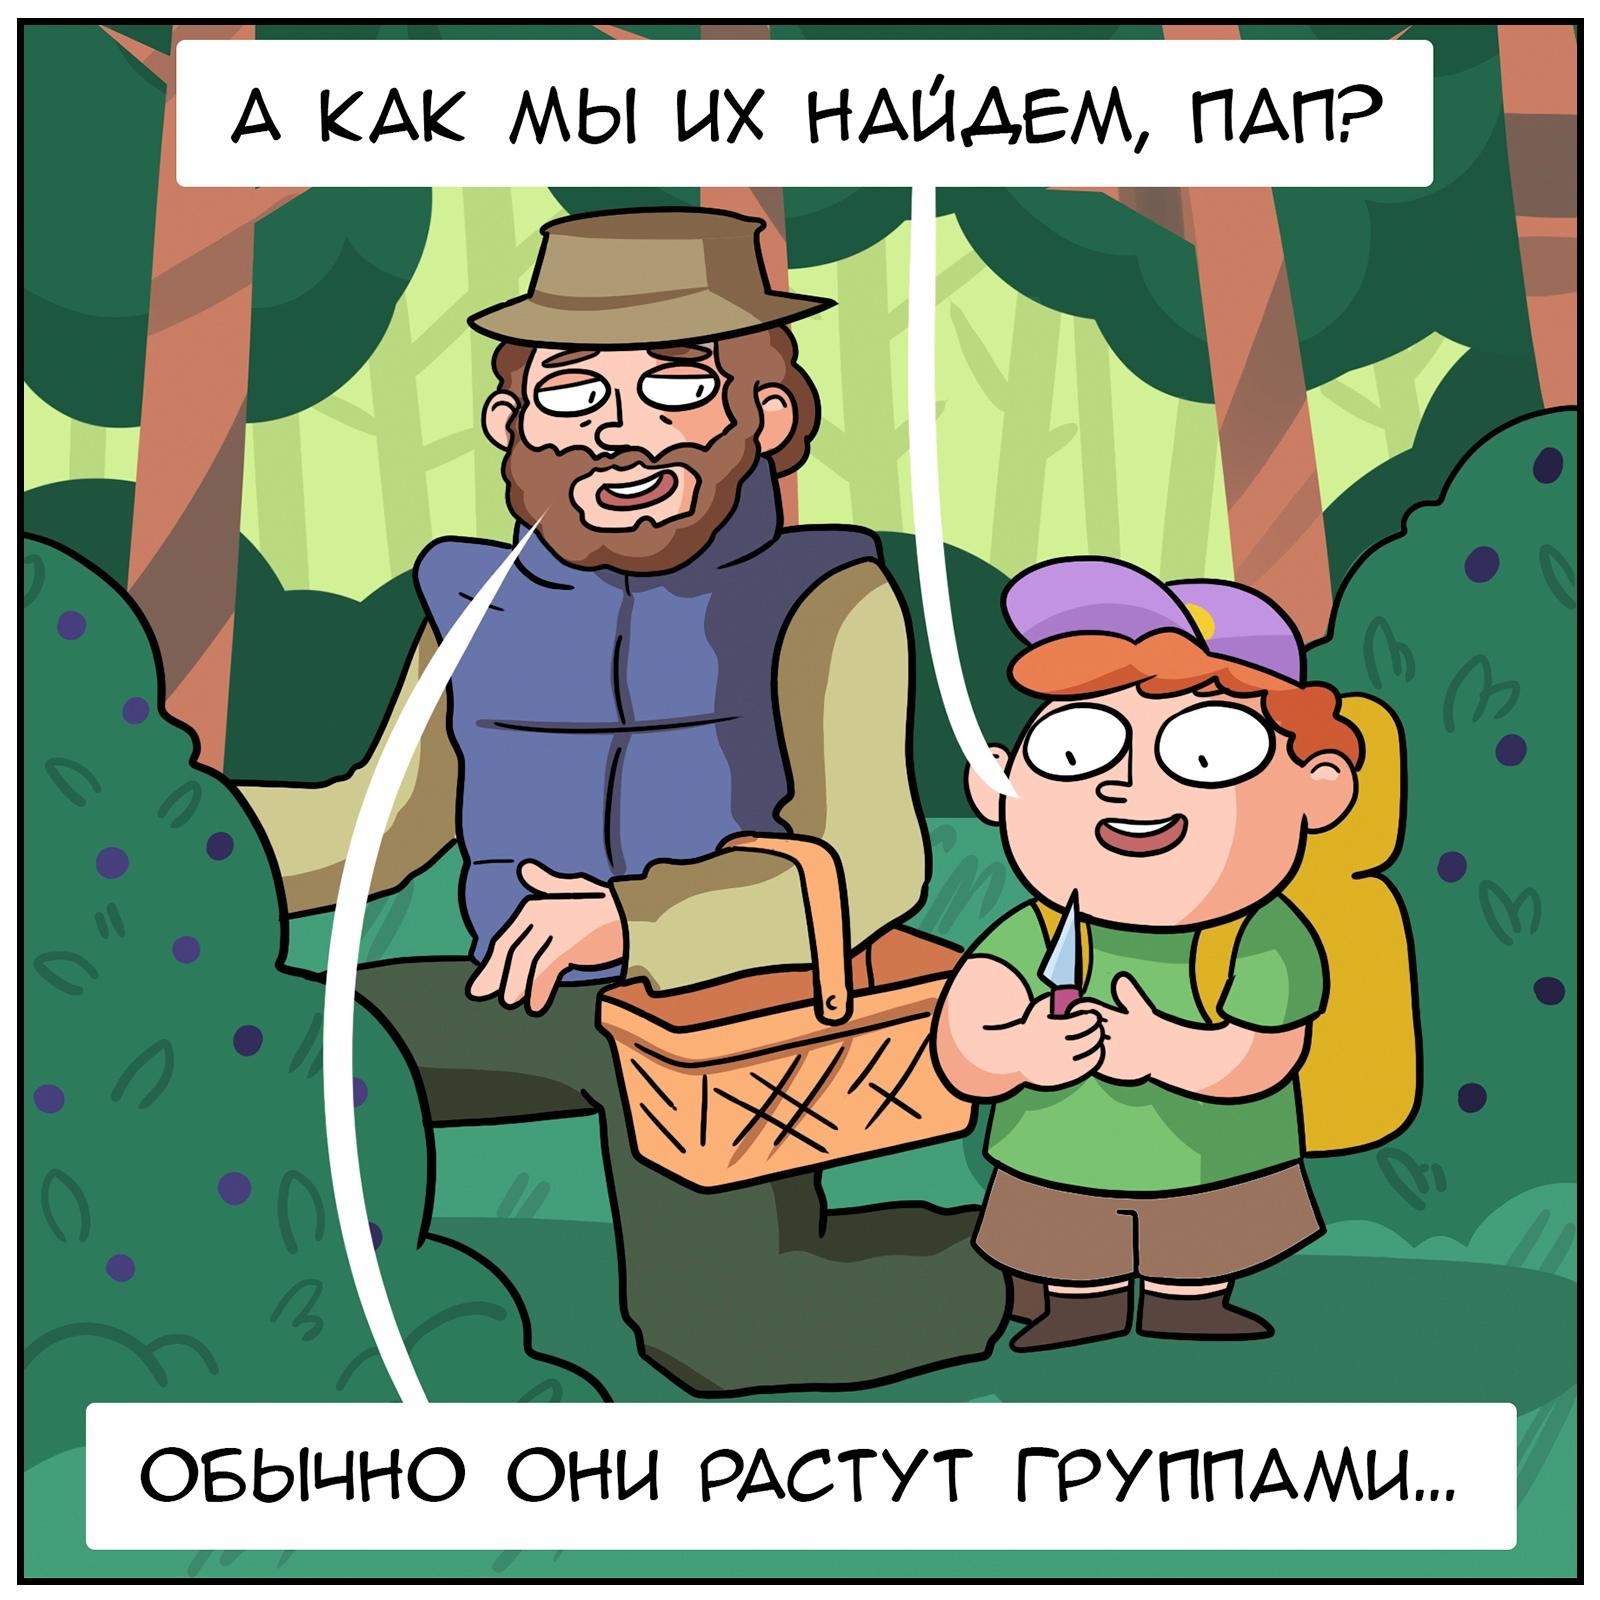 Грибники